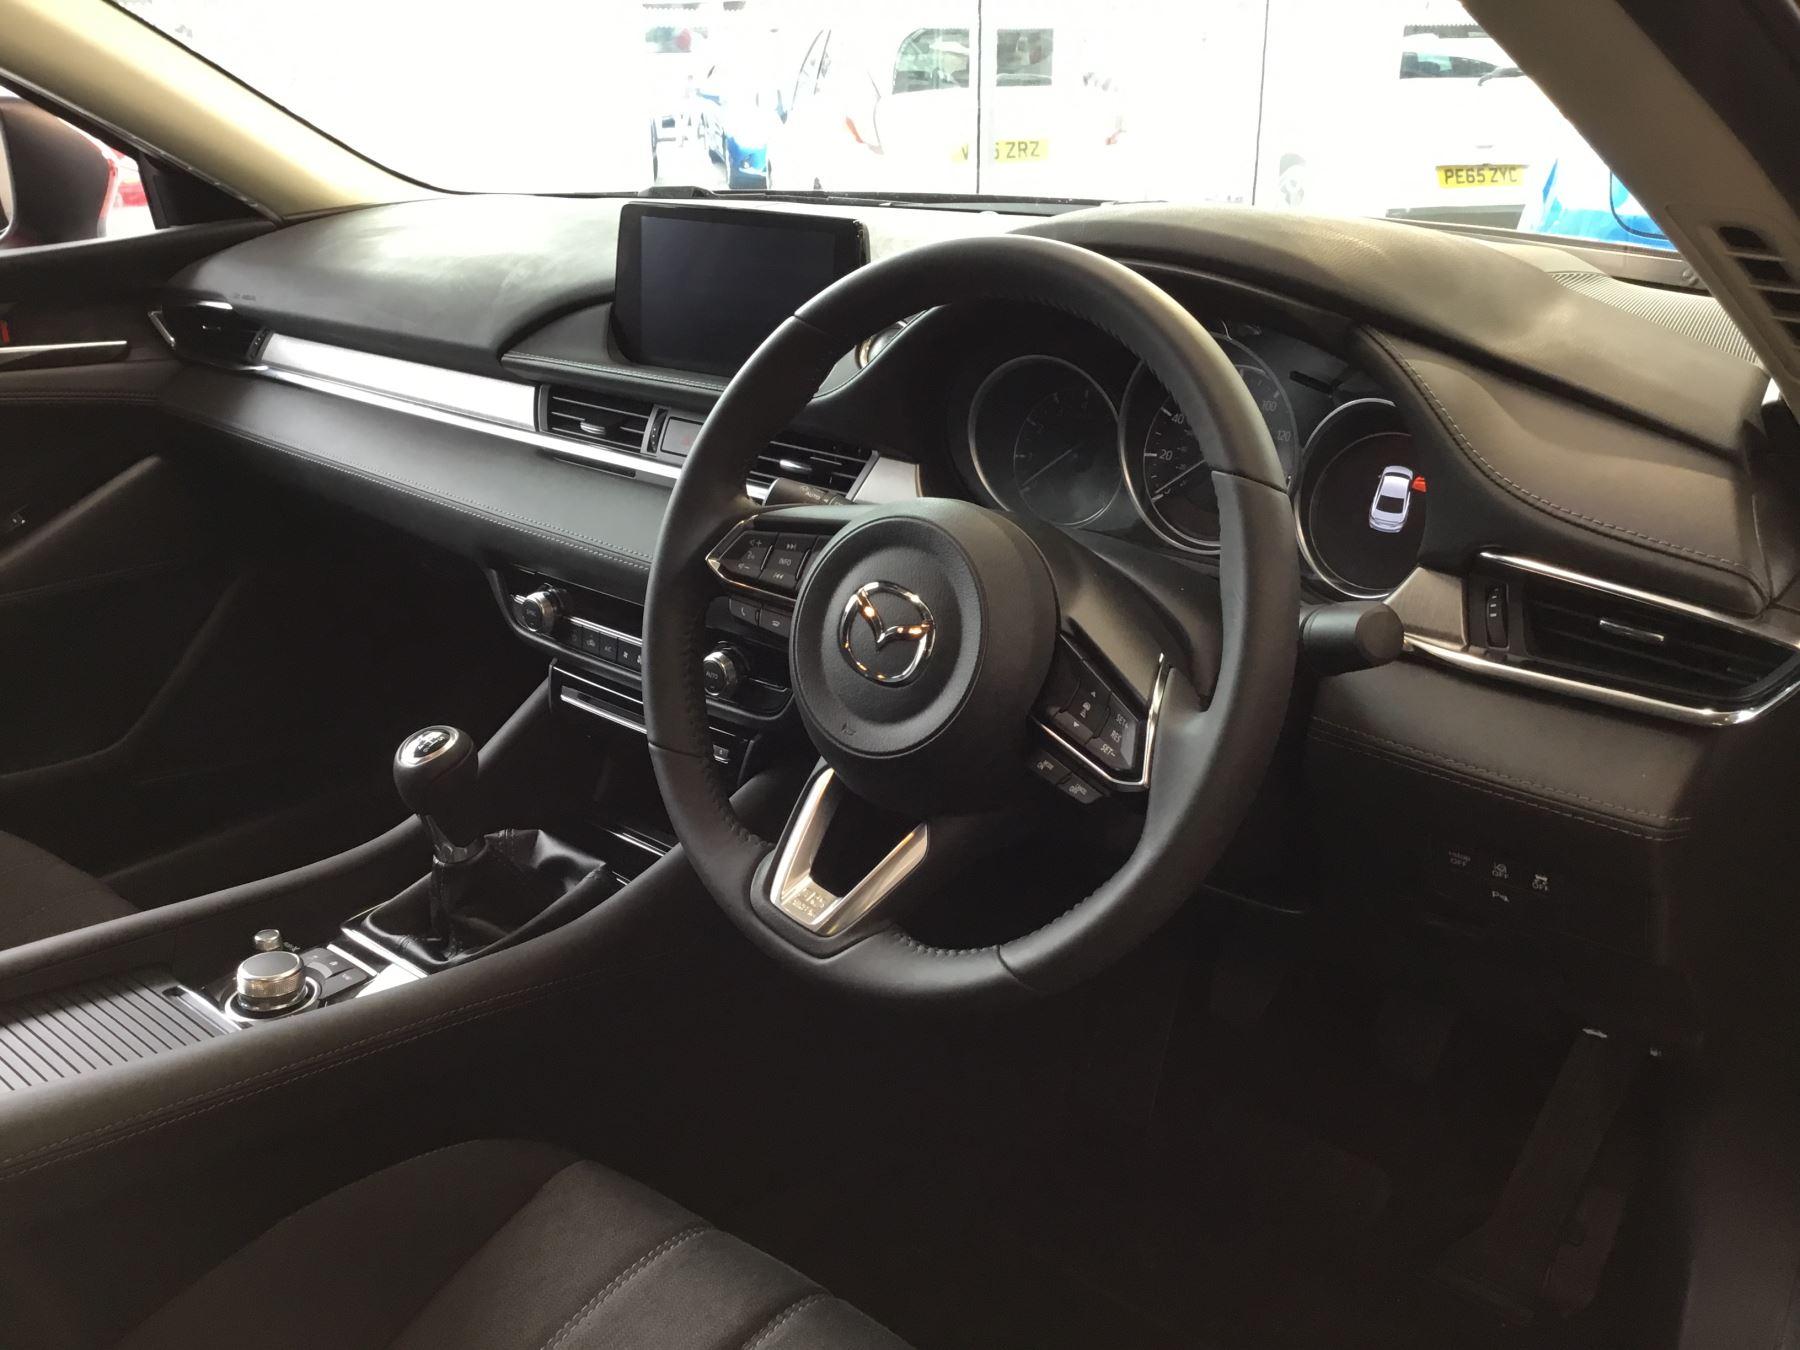 Mazda 6 2.0 SE-L Nav+ 4dr image 4